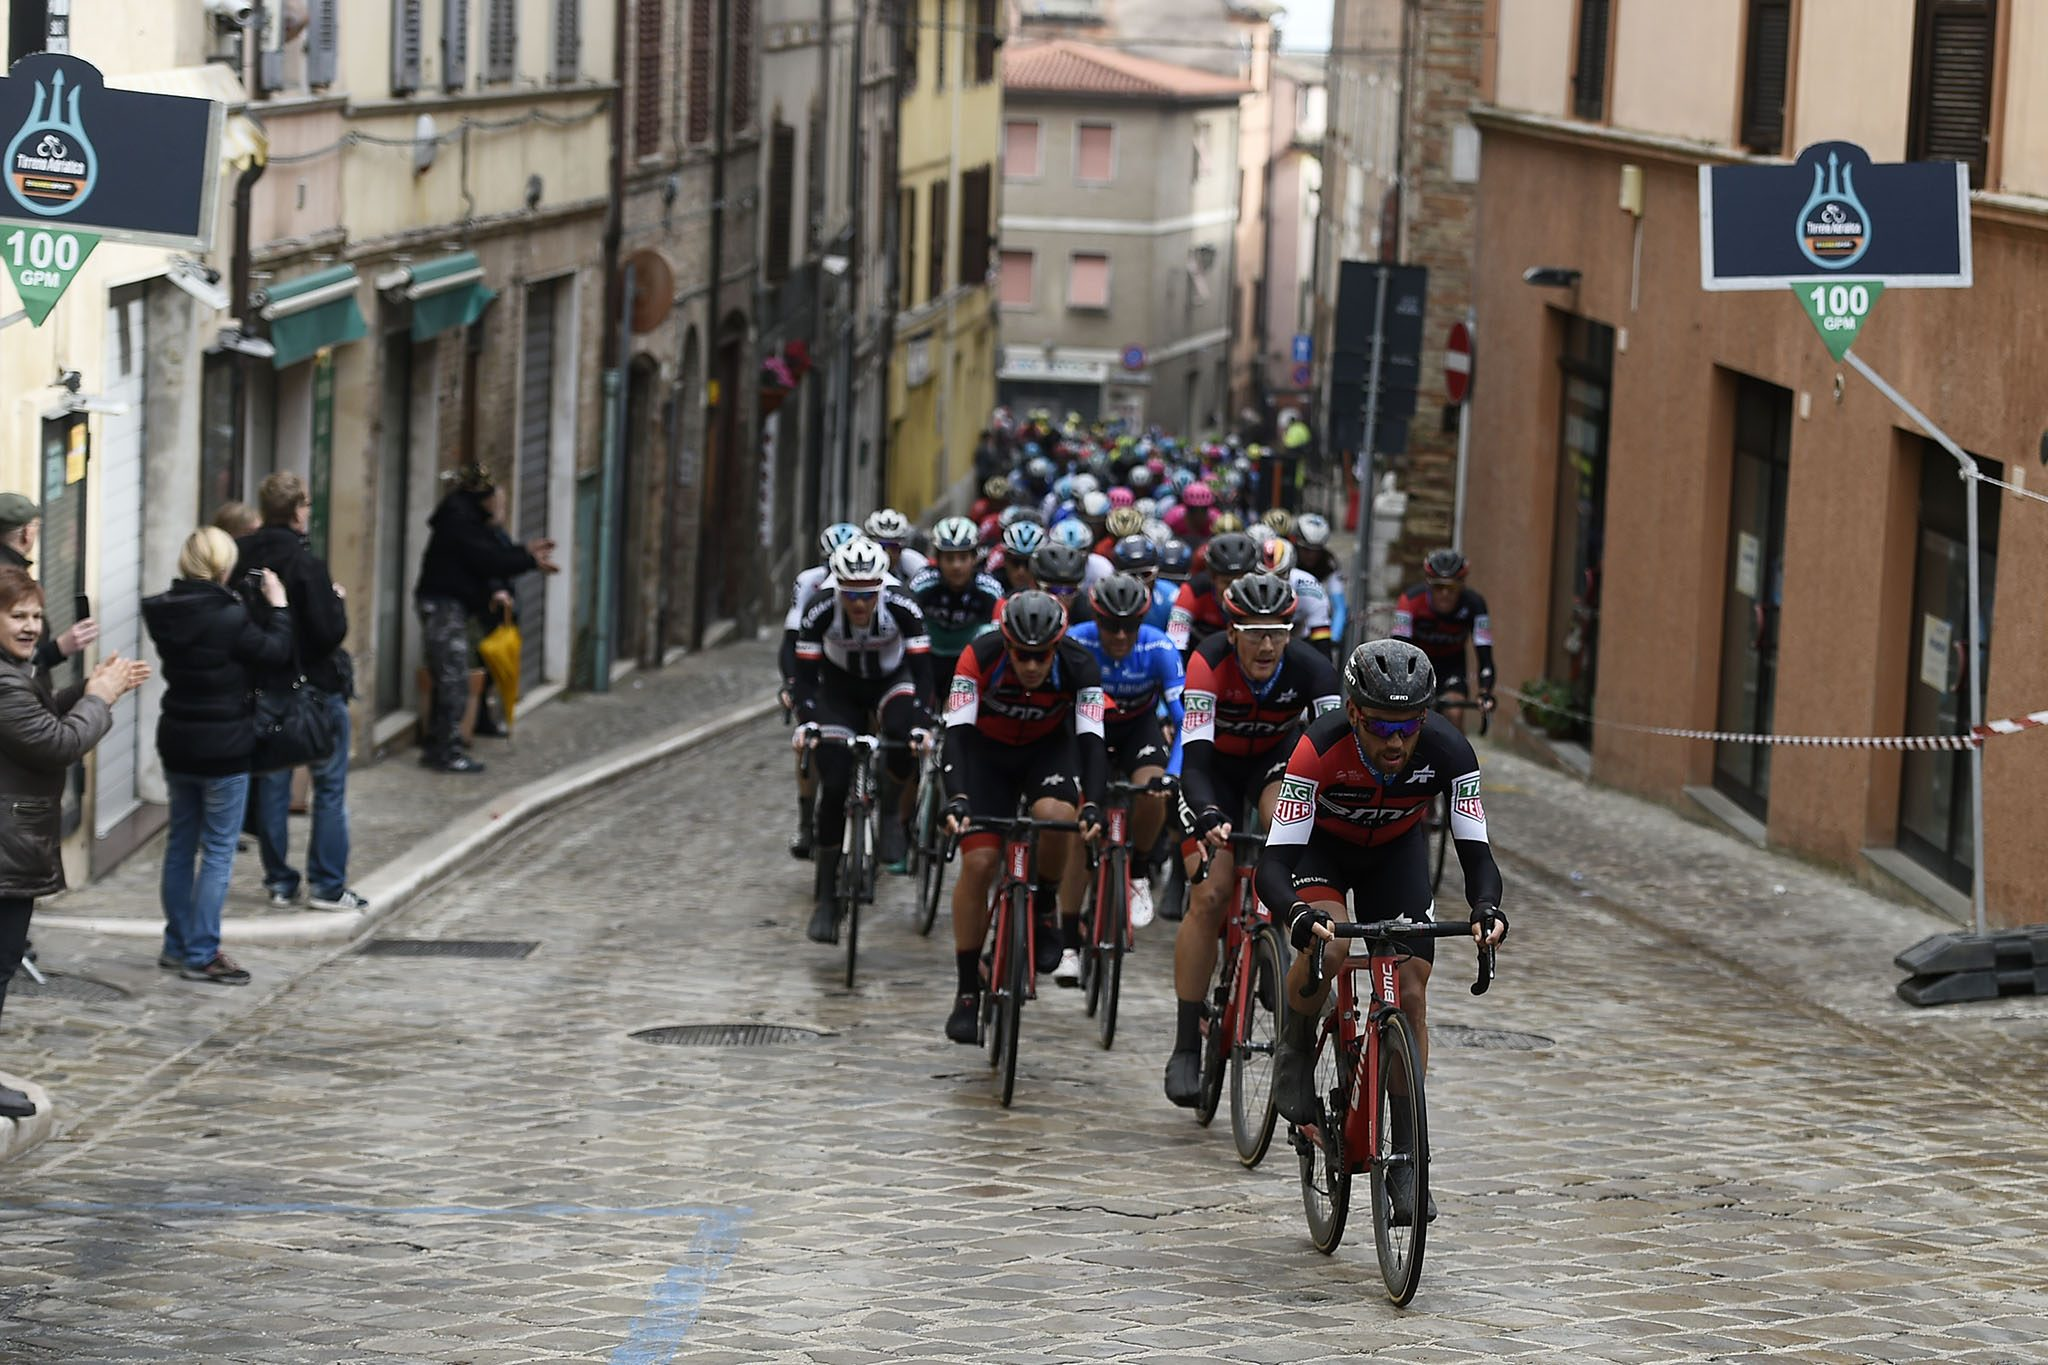 Адам Йейтс одолел Петера Сагана на пятом этапе велогонки «Тиррено — Адриатико»